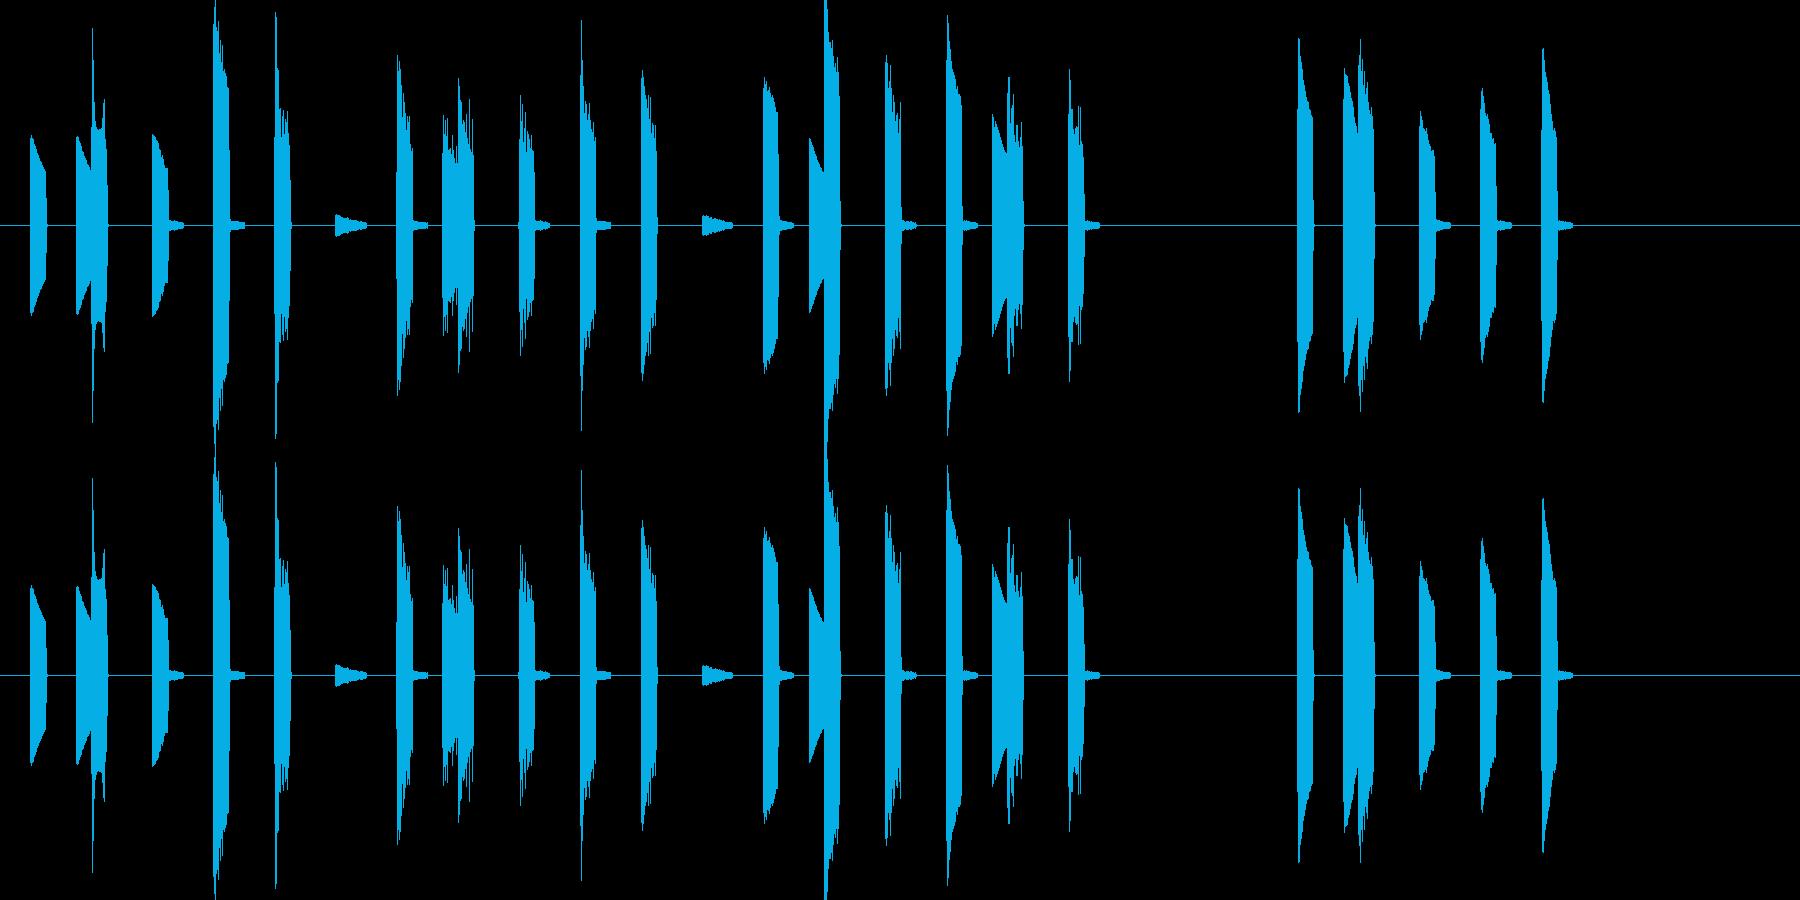 ハッピーバースデー 8bitの再生済みの波形